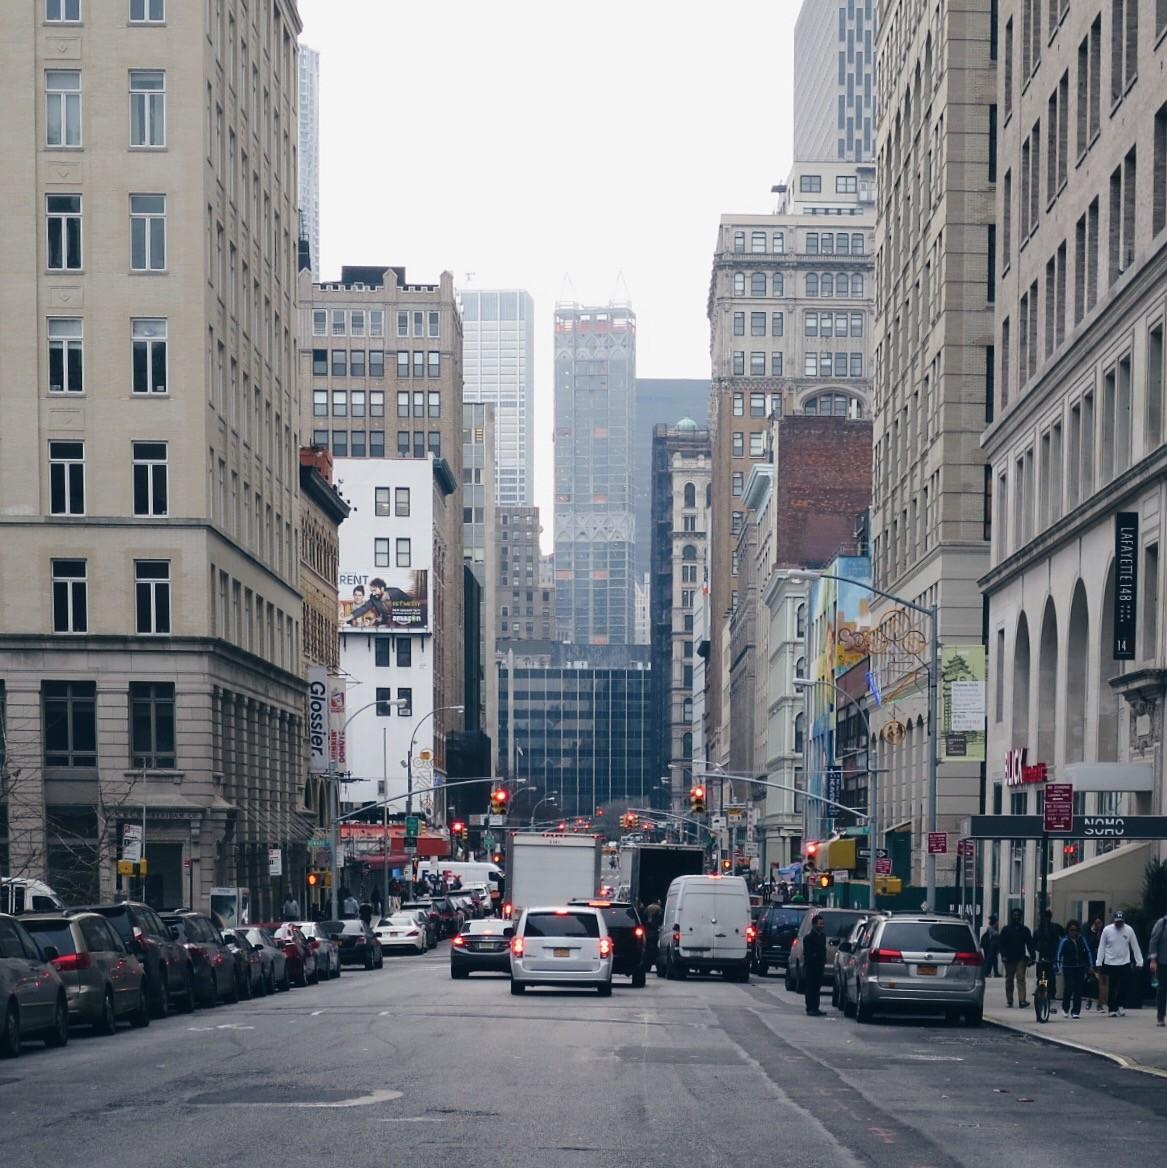 verblijf in New York